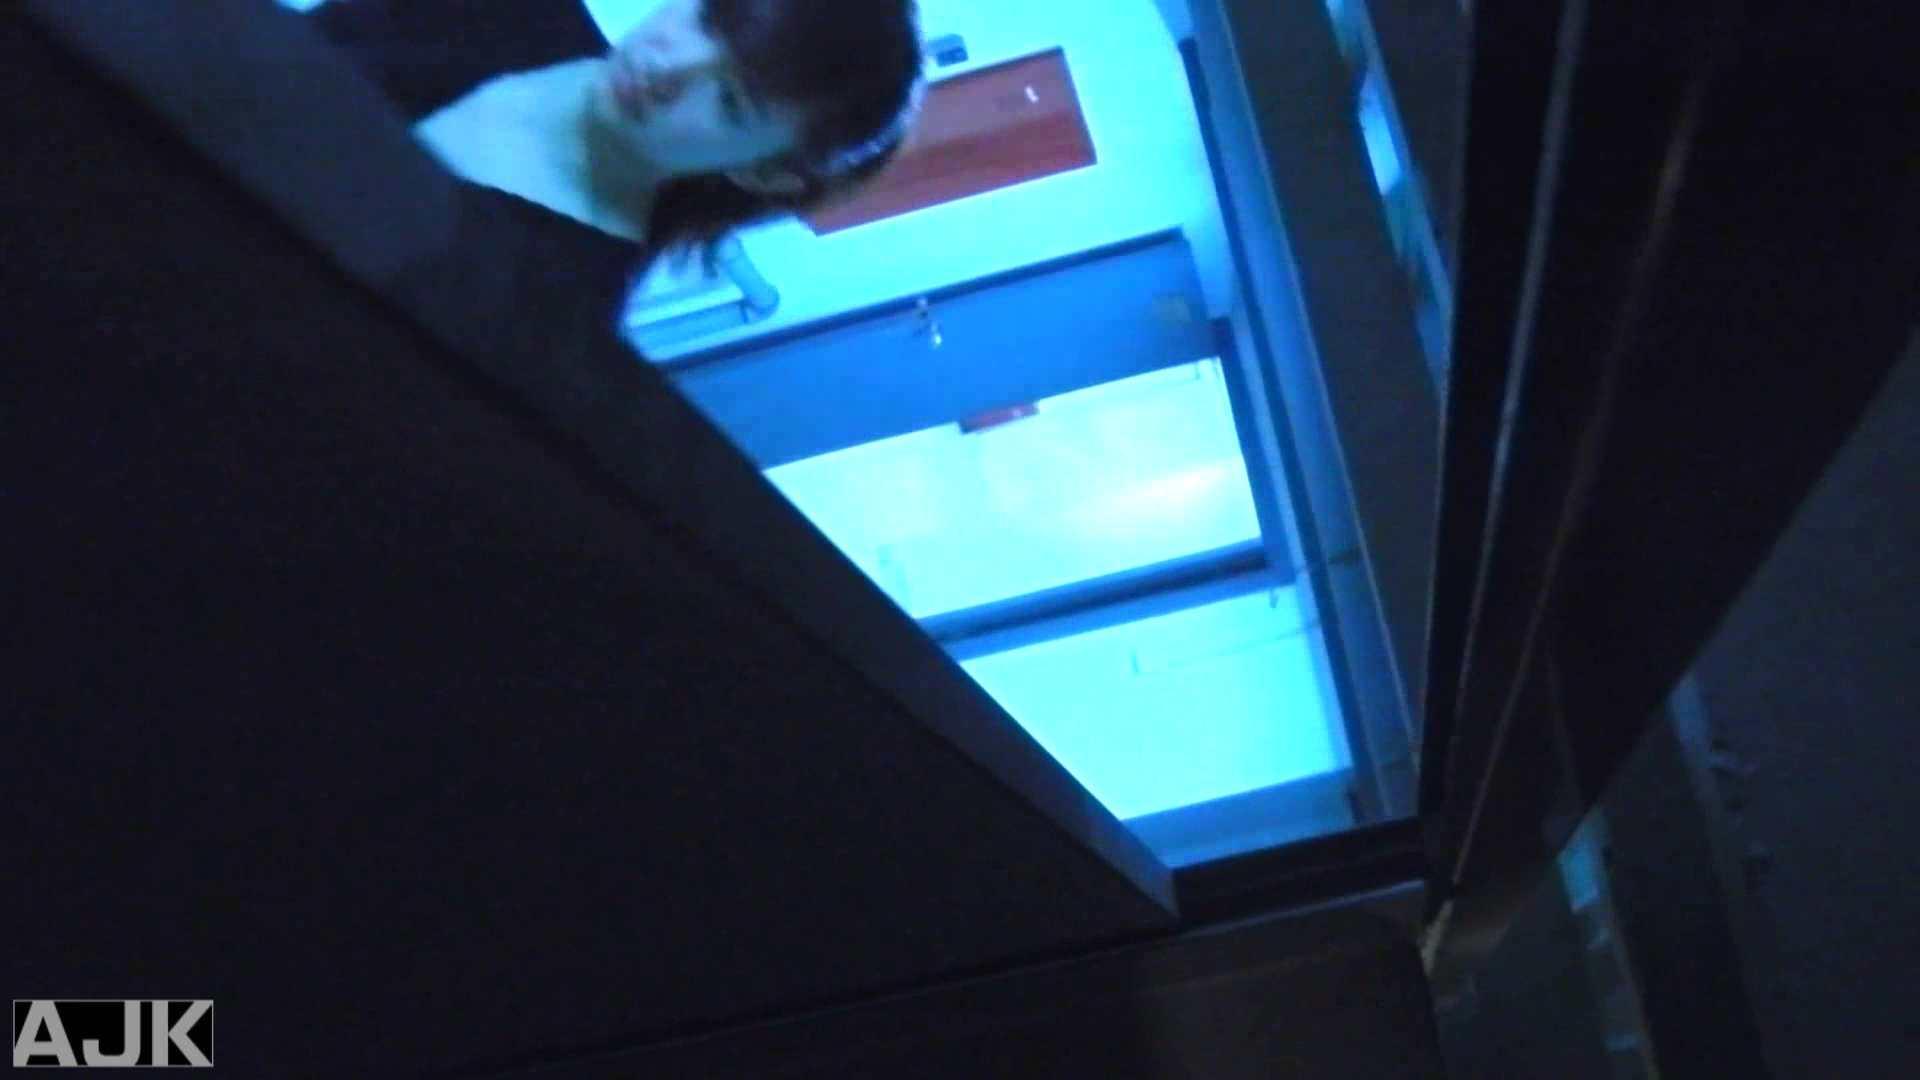 神降臨!史上最強の潜入かわや! vol.23 美女のカラダ エロ画像 13pic 13